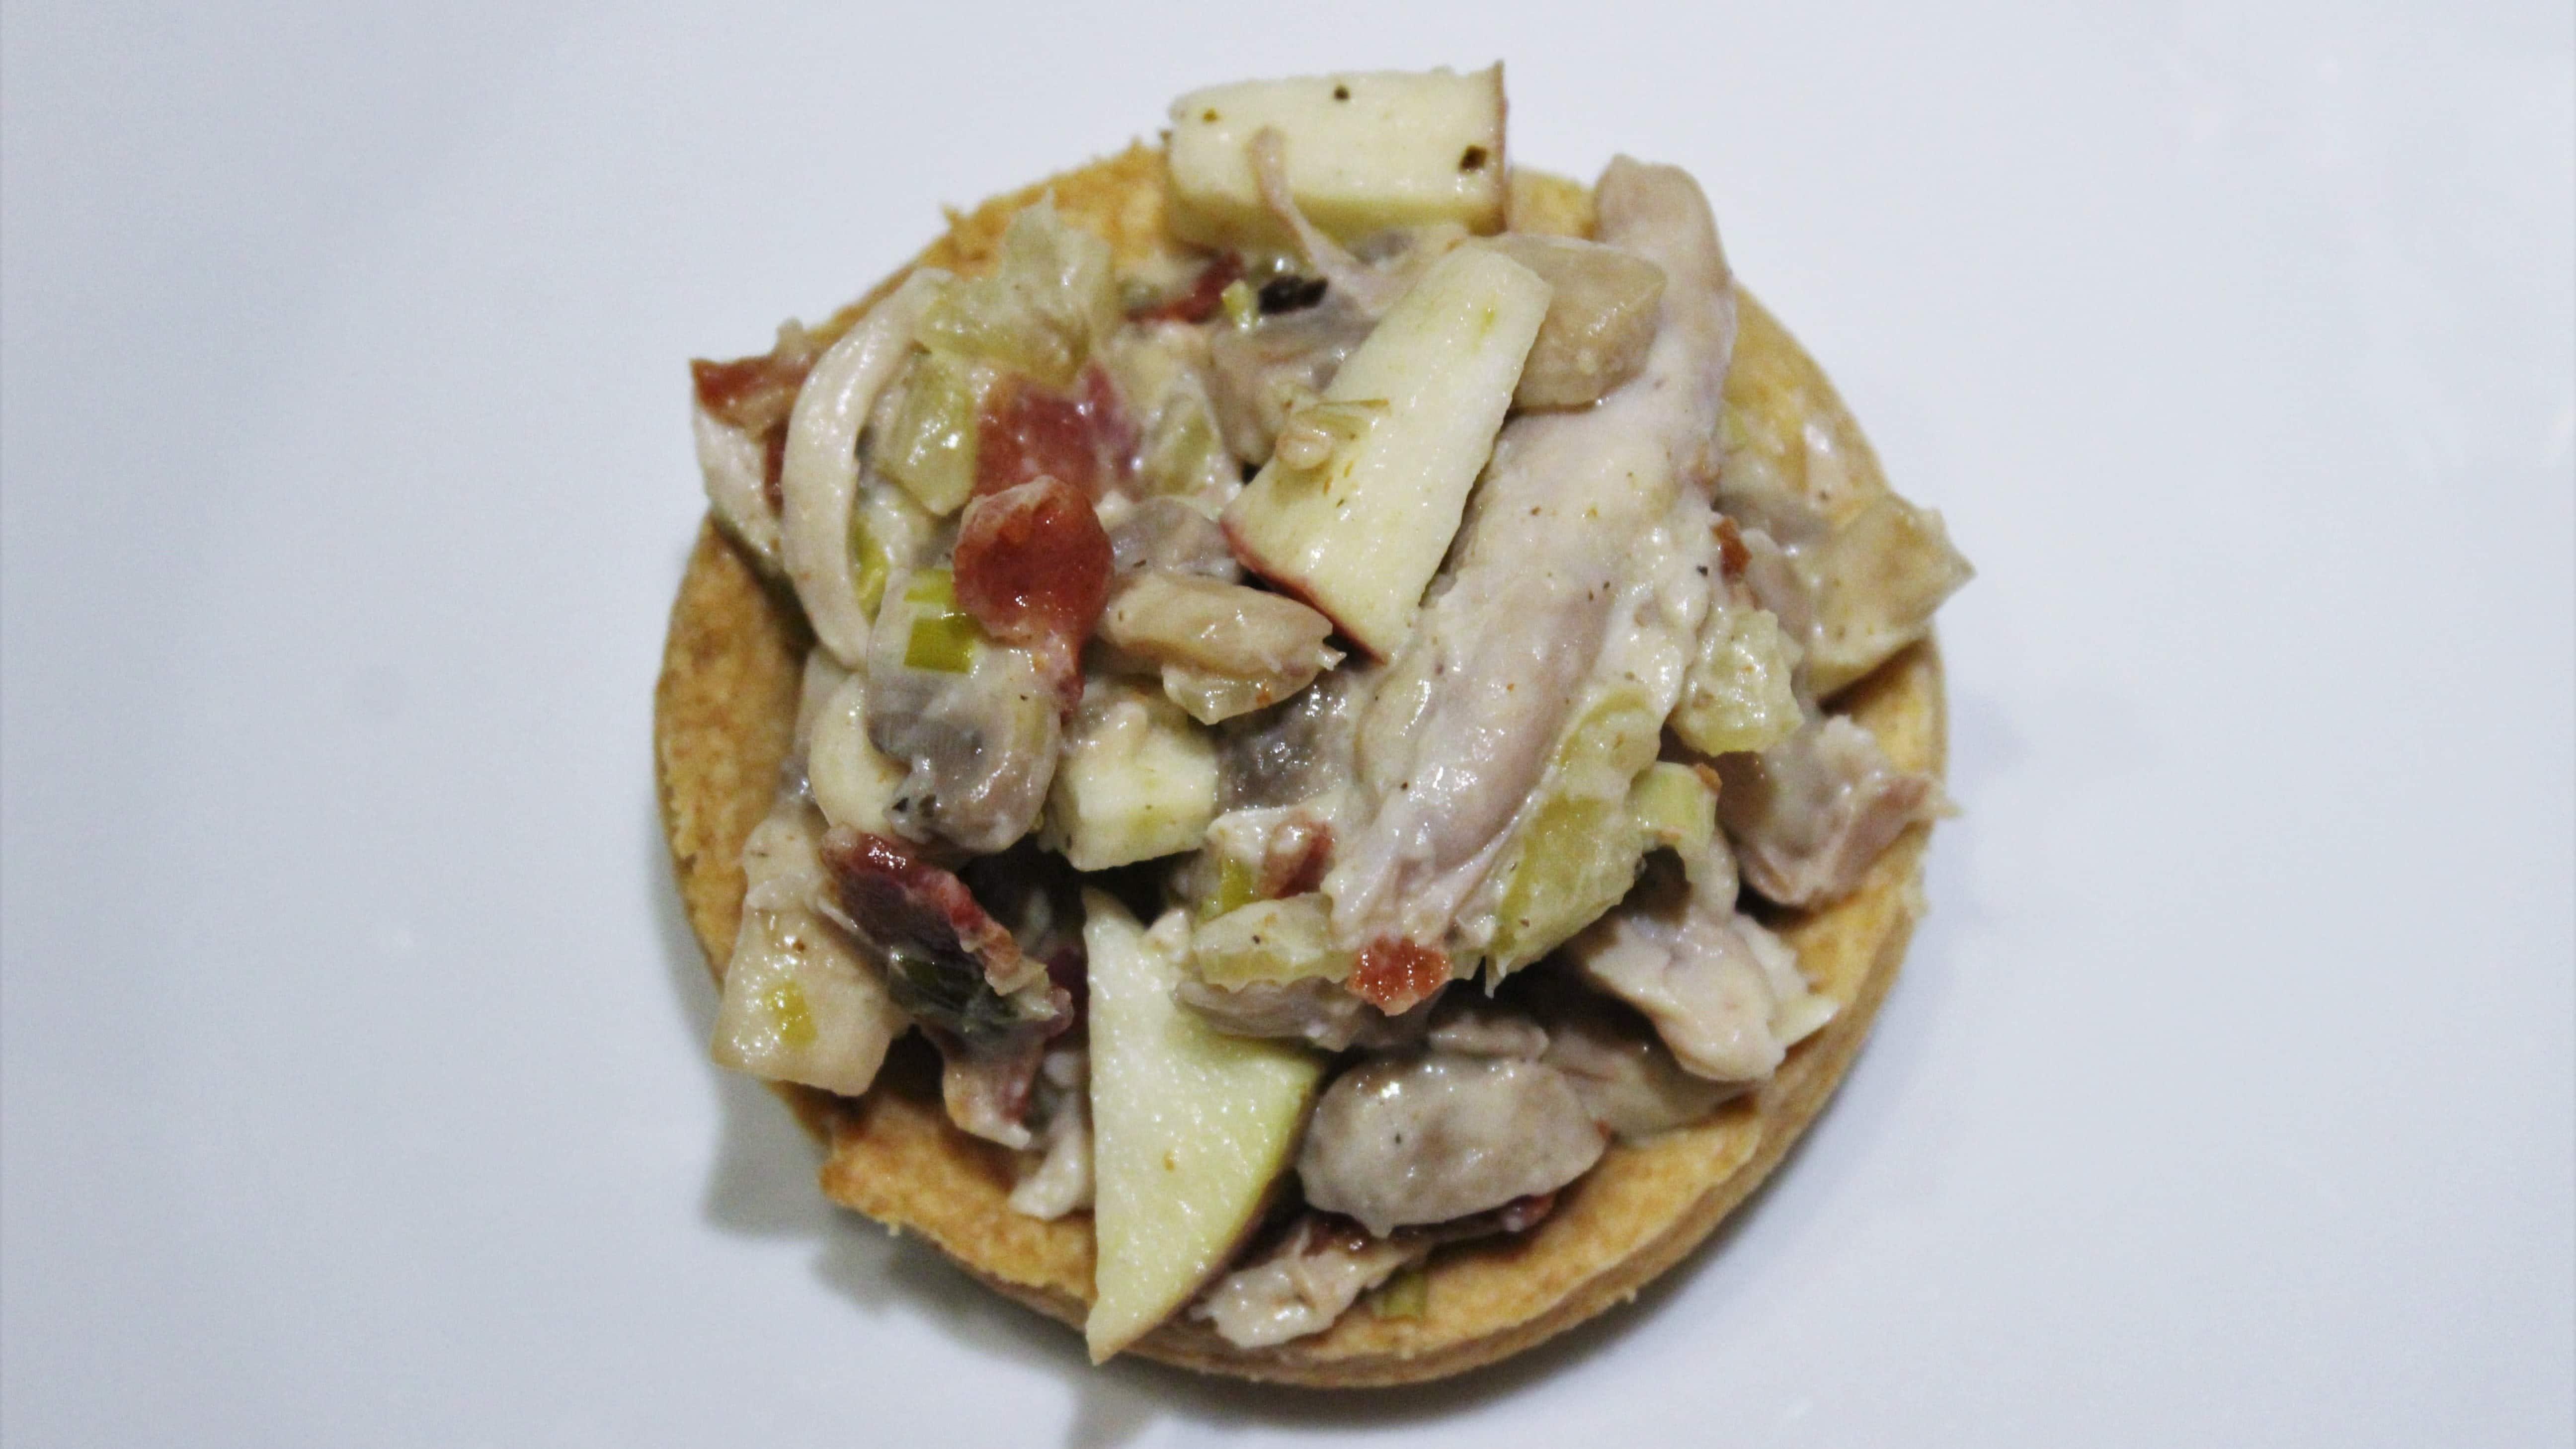 Kylling med bacon og svampe - kyllingefyld til tærter, tapas eller anderledes tarteletter, brug dem som forret, frokost eller appetizer. Fyld kyllingen i den nemmeste mørdejsbund - bager du minitærter, er de fine både som tærter og tarteletter. Find opskrifter, gratis download, print og inspiration til årets gang på danishthings.com